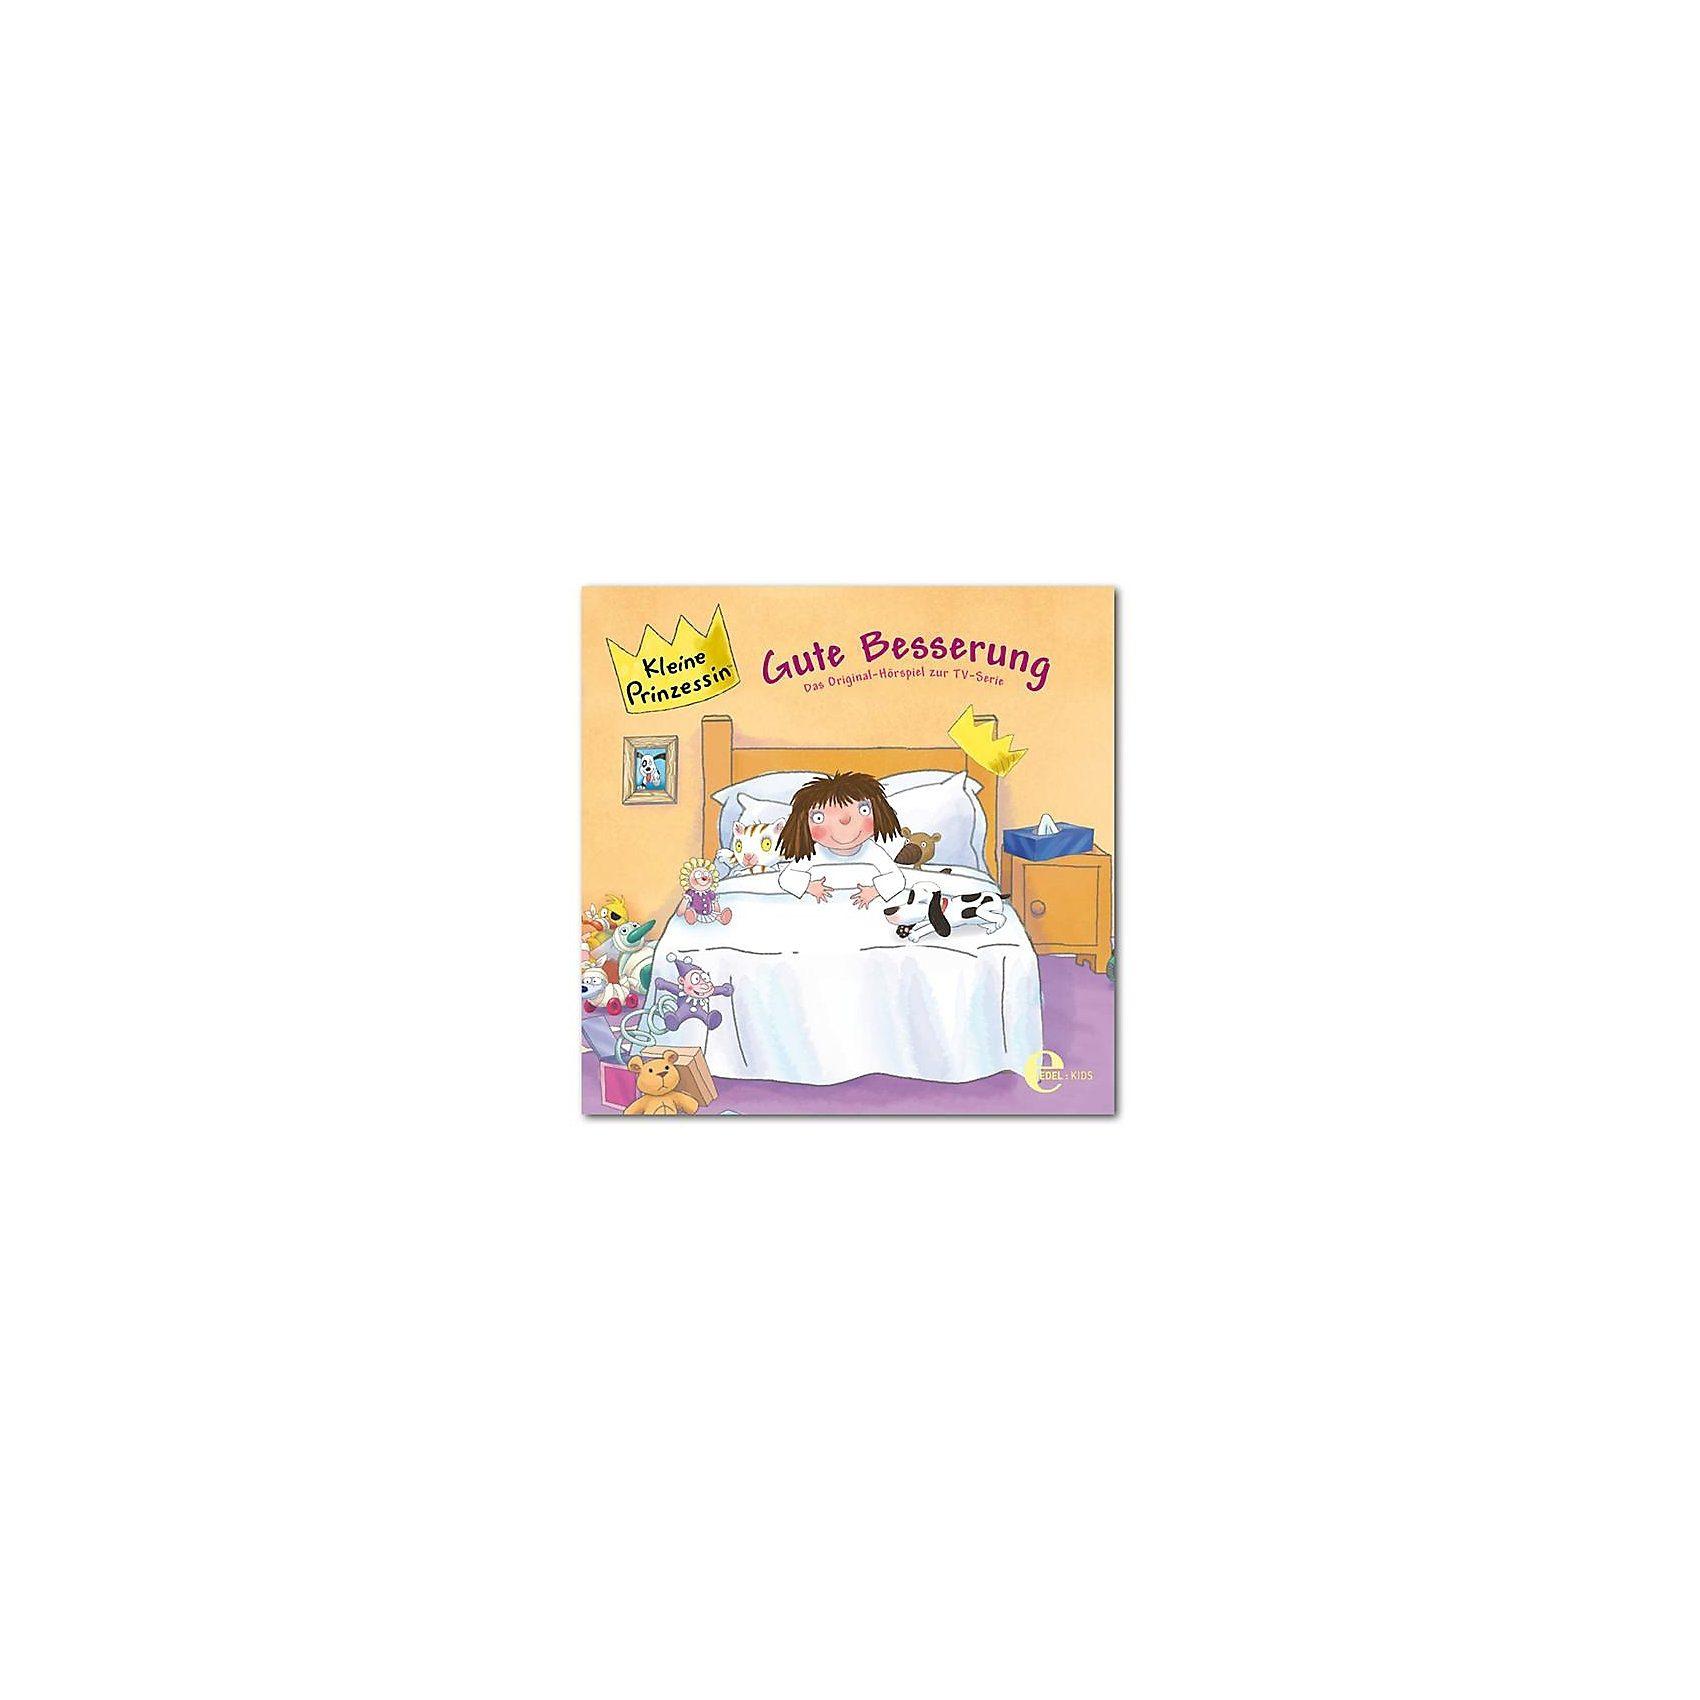 Edel CD Kleine Prinzessin 08 - Gute Besserung